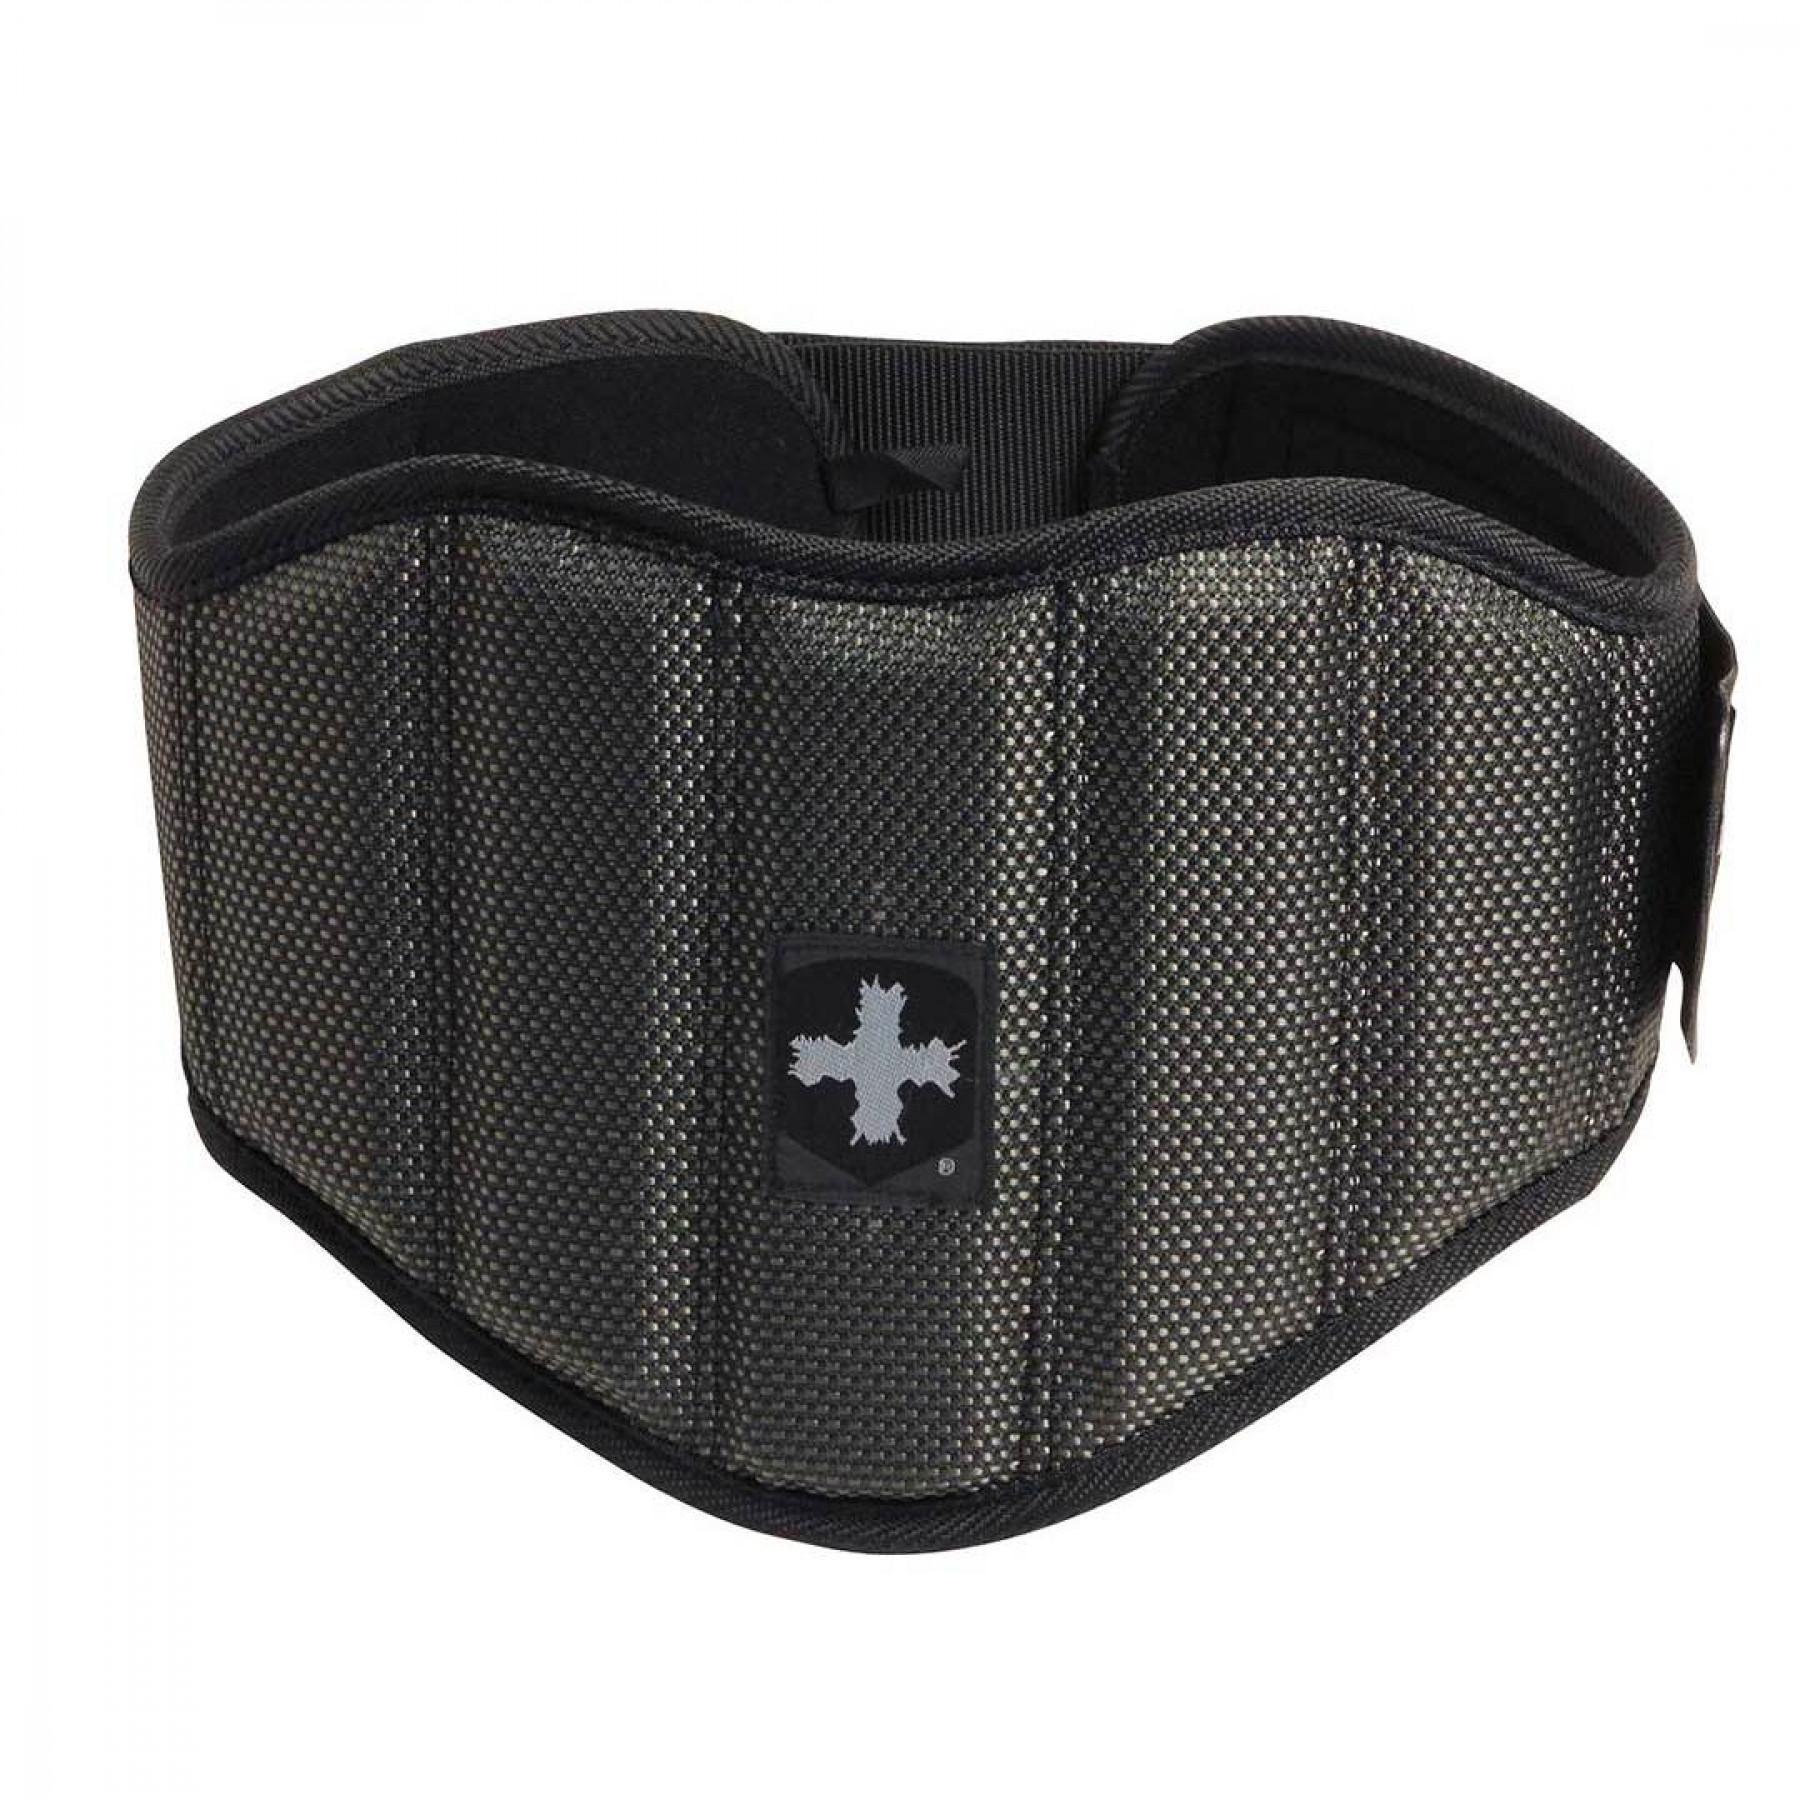 Support belt Harbinger Firm Fit